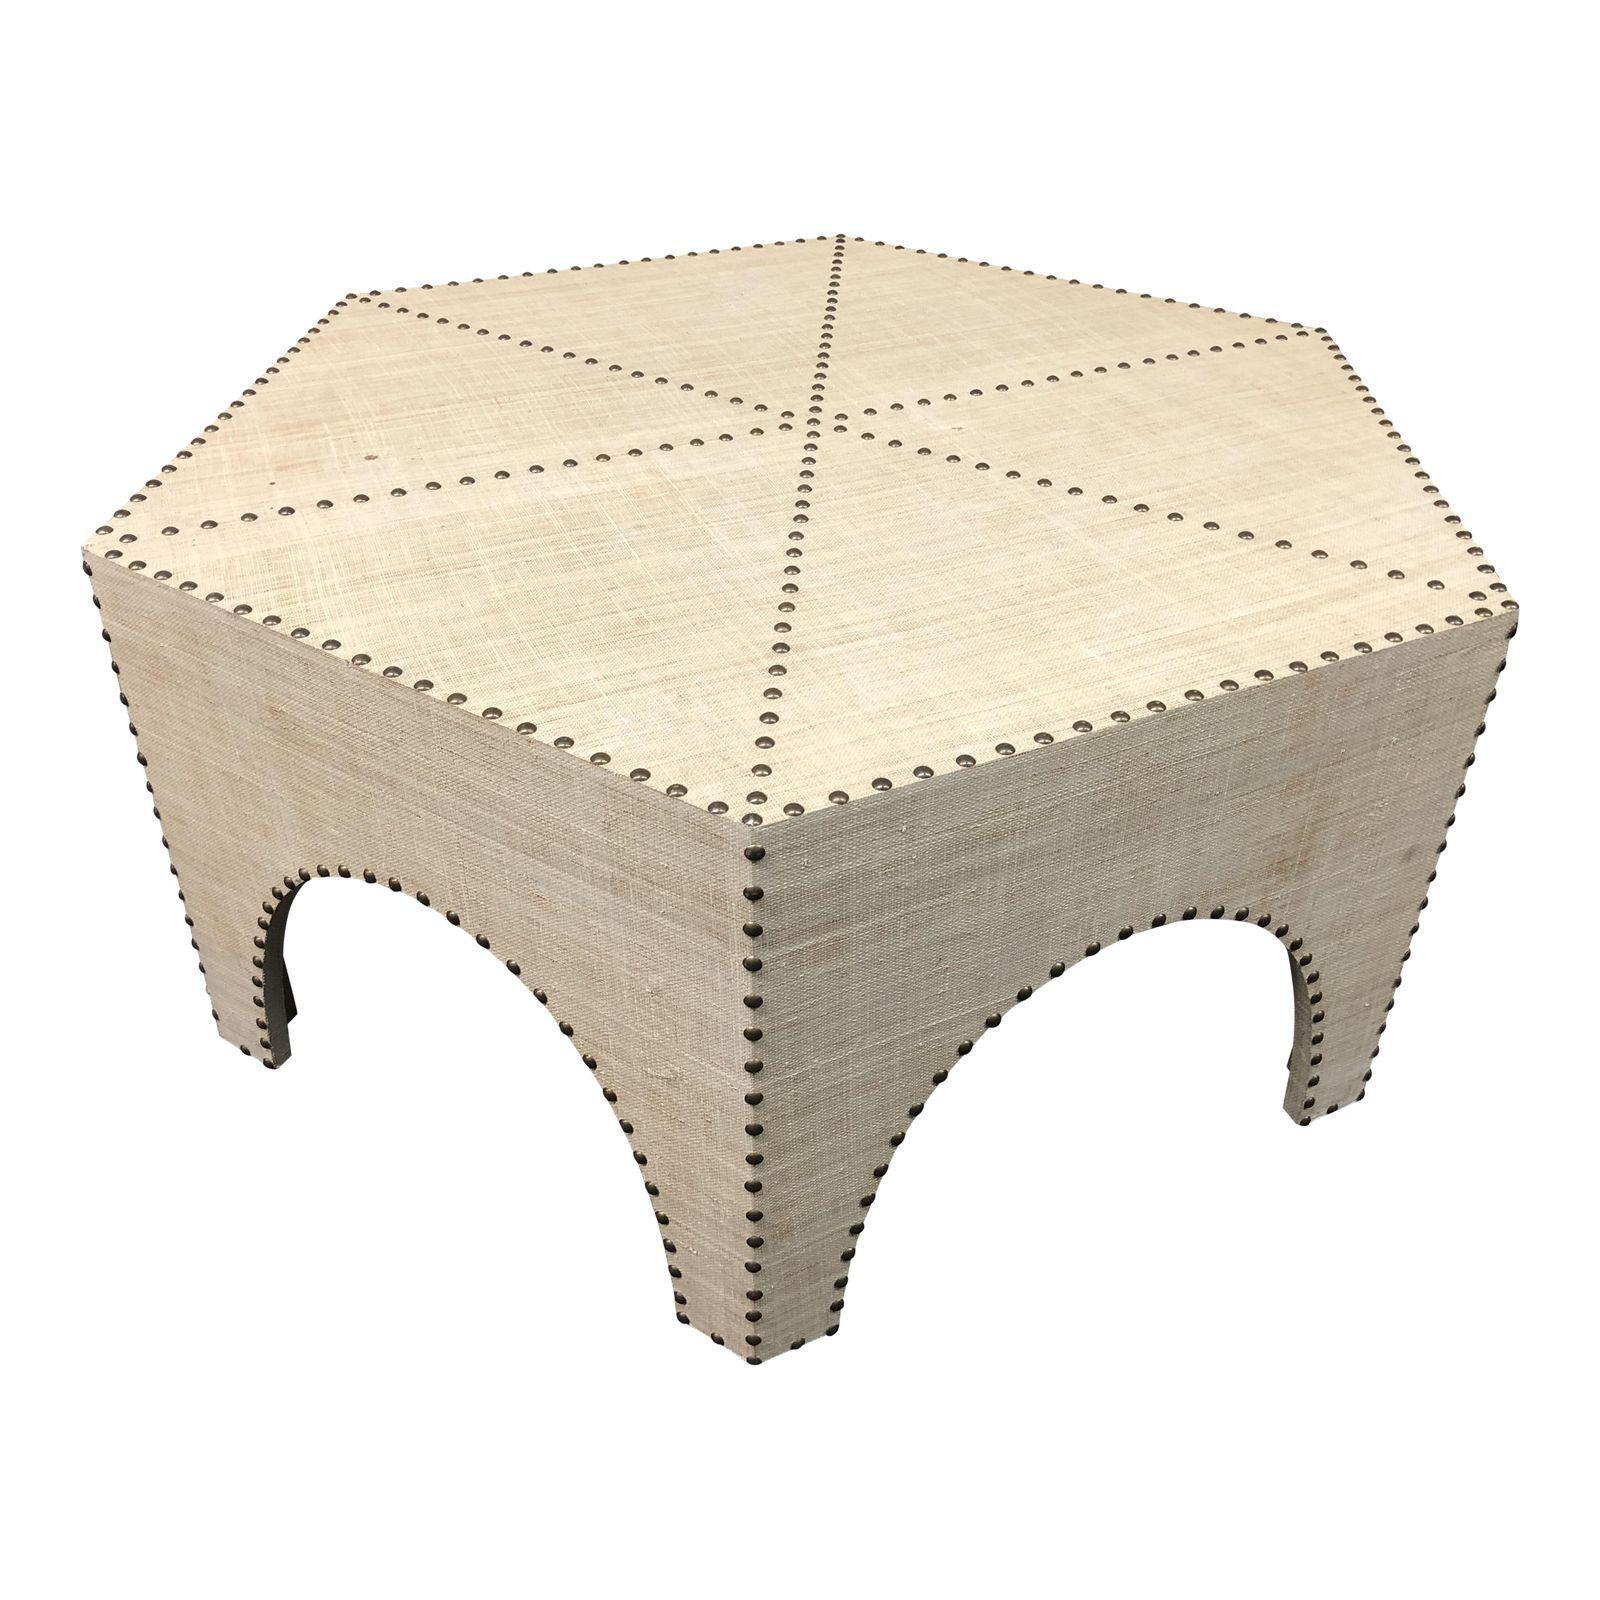 New Palecek Casablanca Raffia Coffee Table - Design Plus Gallery regarding Casablanca Coffee Tables (Image 23 of 30)